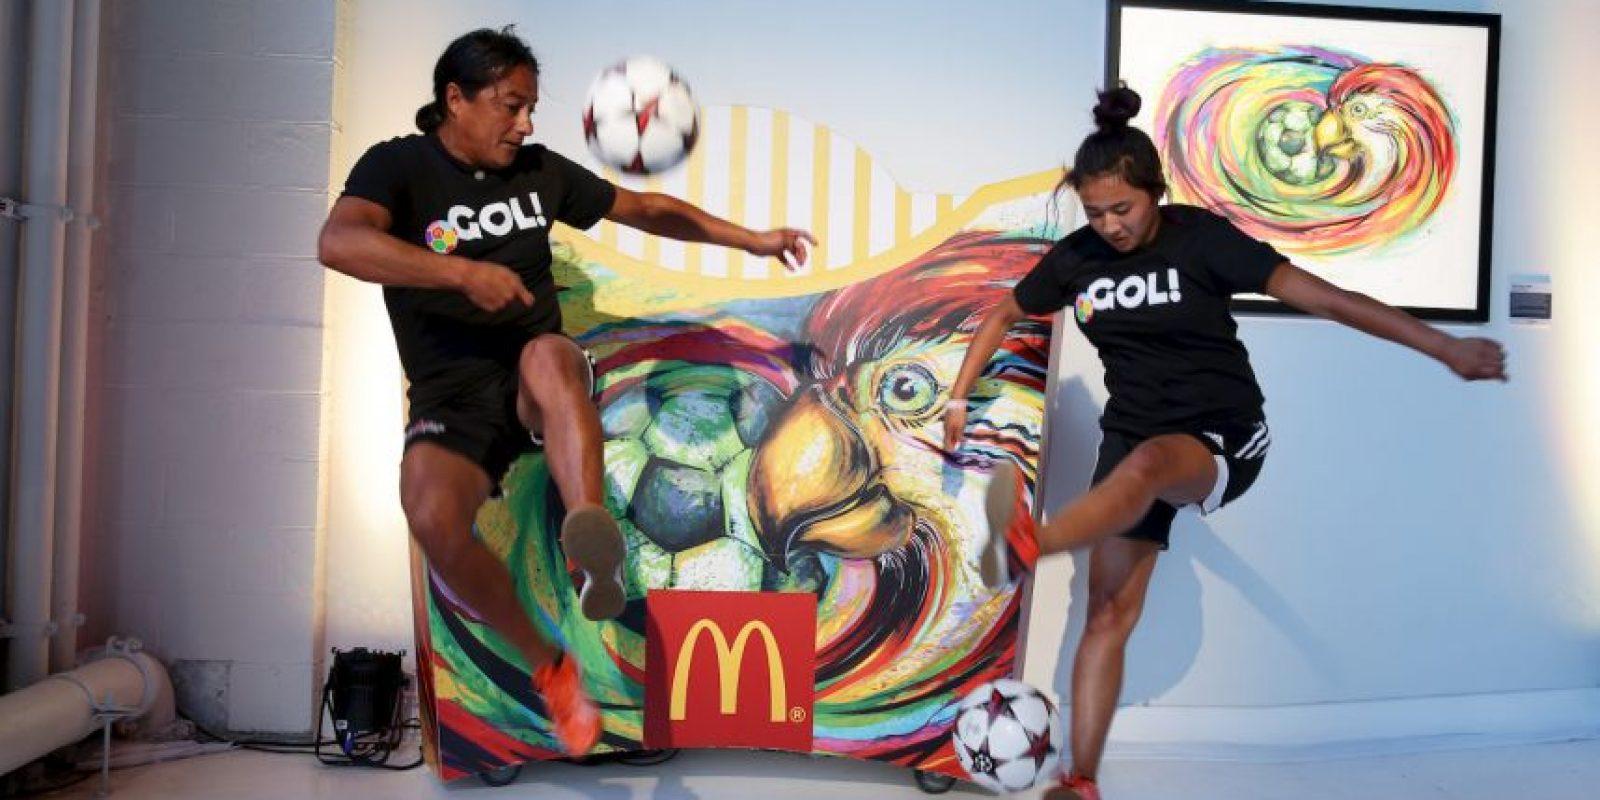 """Por este mismo escándalo de corrupción, el pasado 2 de octubre los mayores patrocinadores de la FIFA, """"Coca-Cola"""" y """"McDonalds"""" exigieron la renuncia de Joseph Blatter, pero de manera inmediata, mediante un comunicado. Foto:Getty Images"""